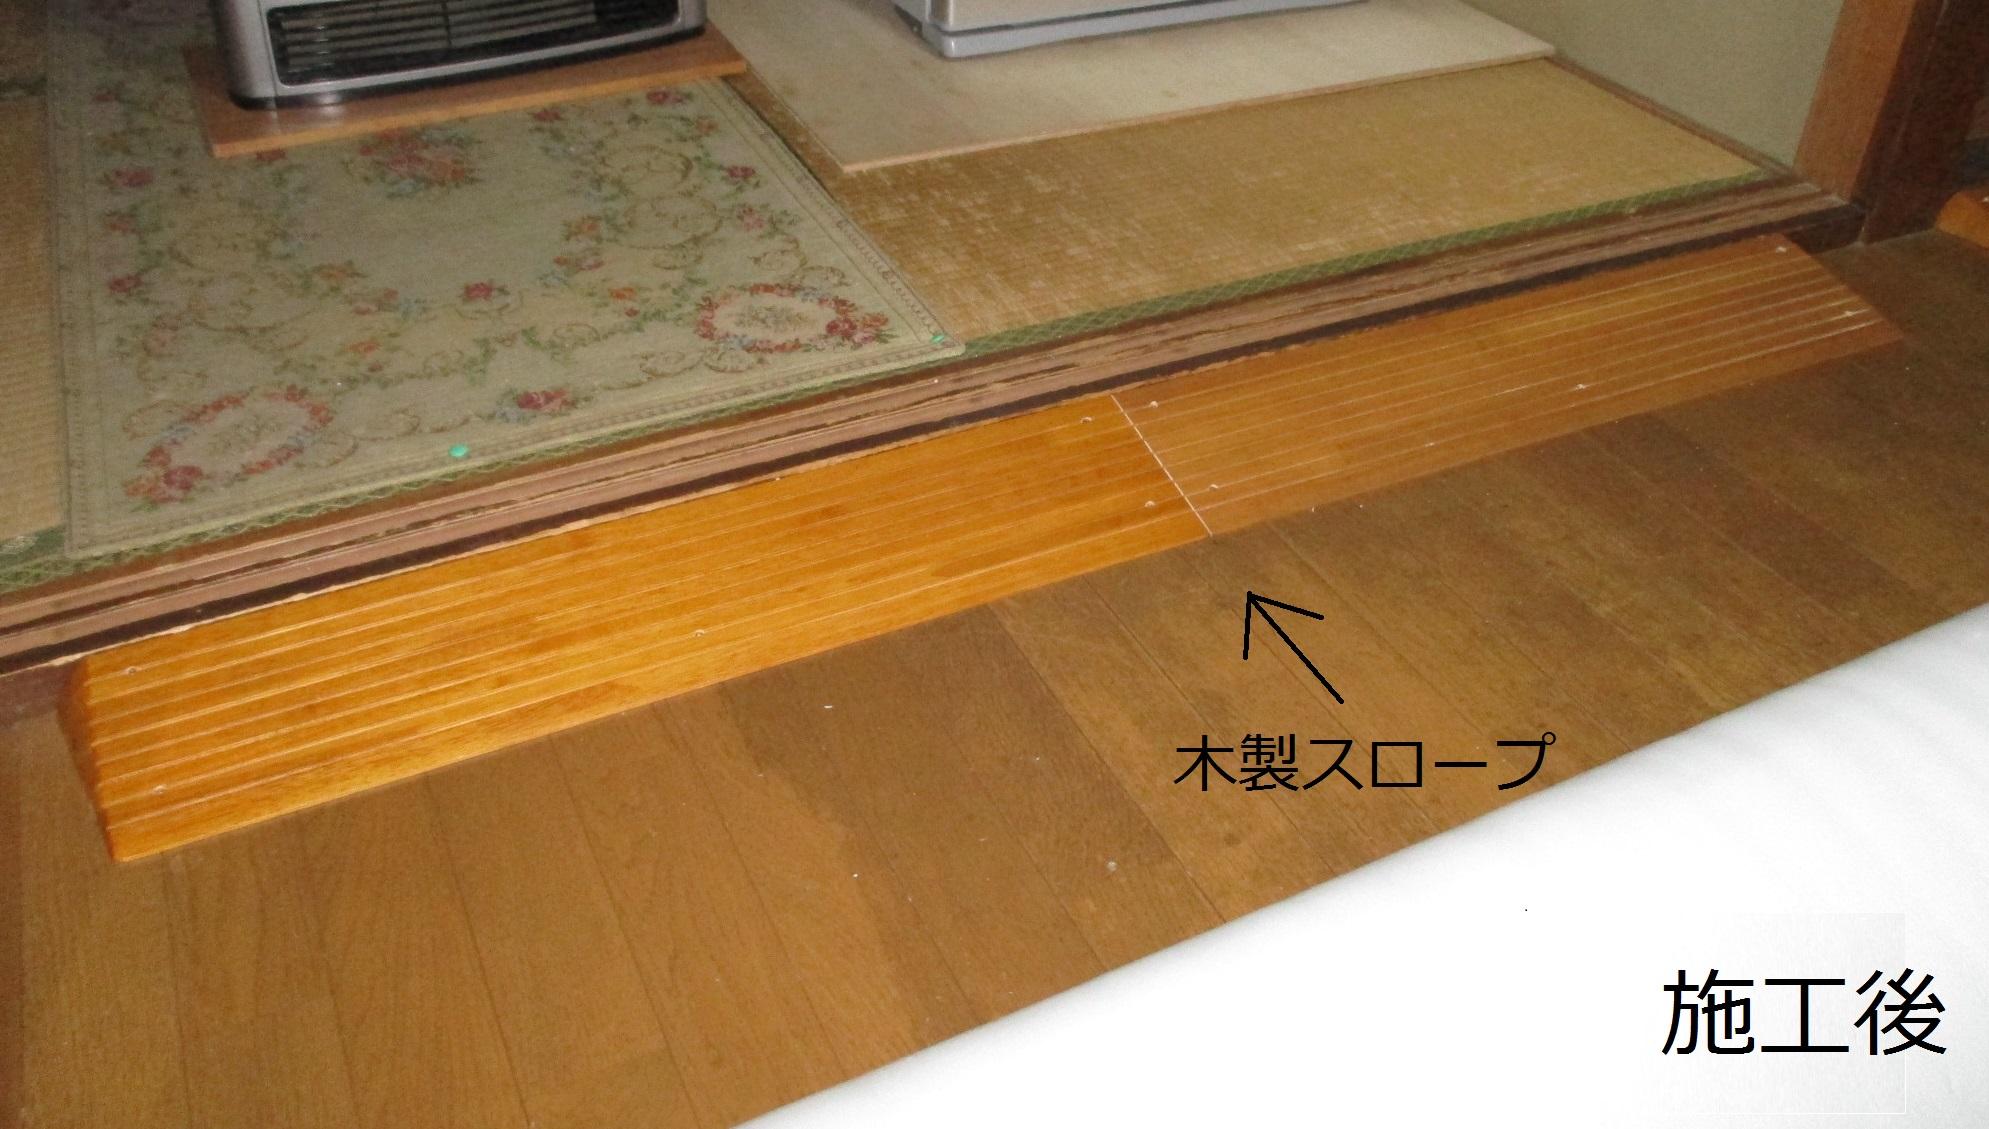 宝塚市 階段手摺・段差解消スロープ設置工事イメージ03